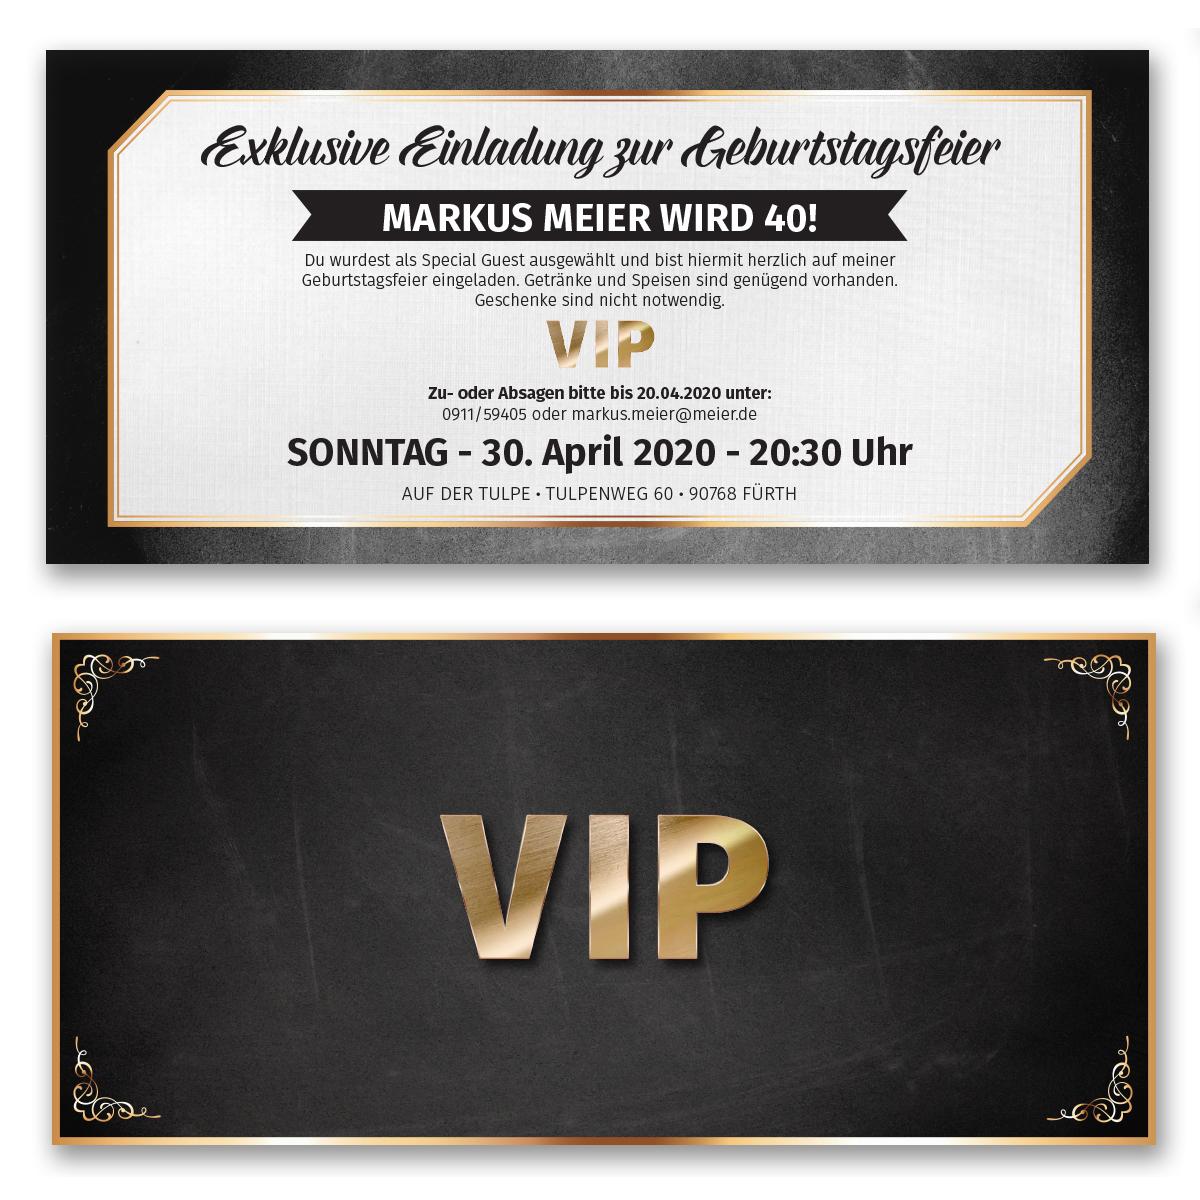 Einladungskarten als VIPTicket ab 55 Cent  Einladung